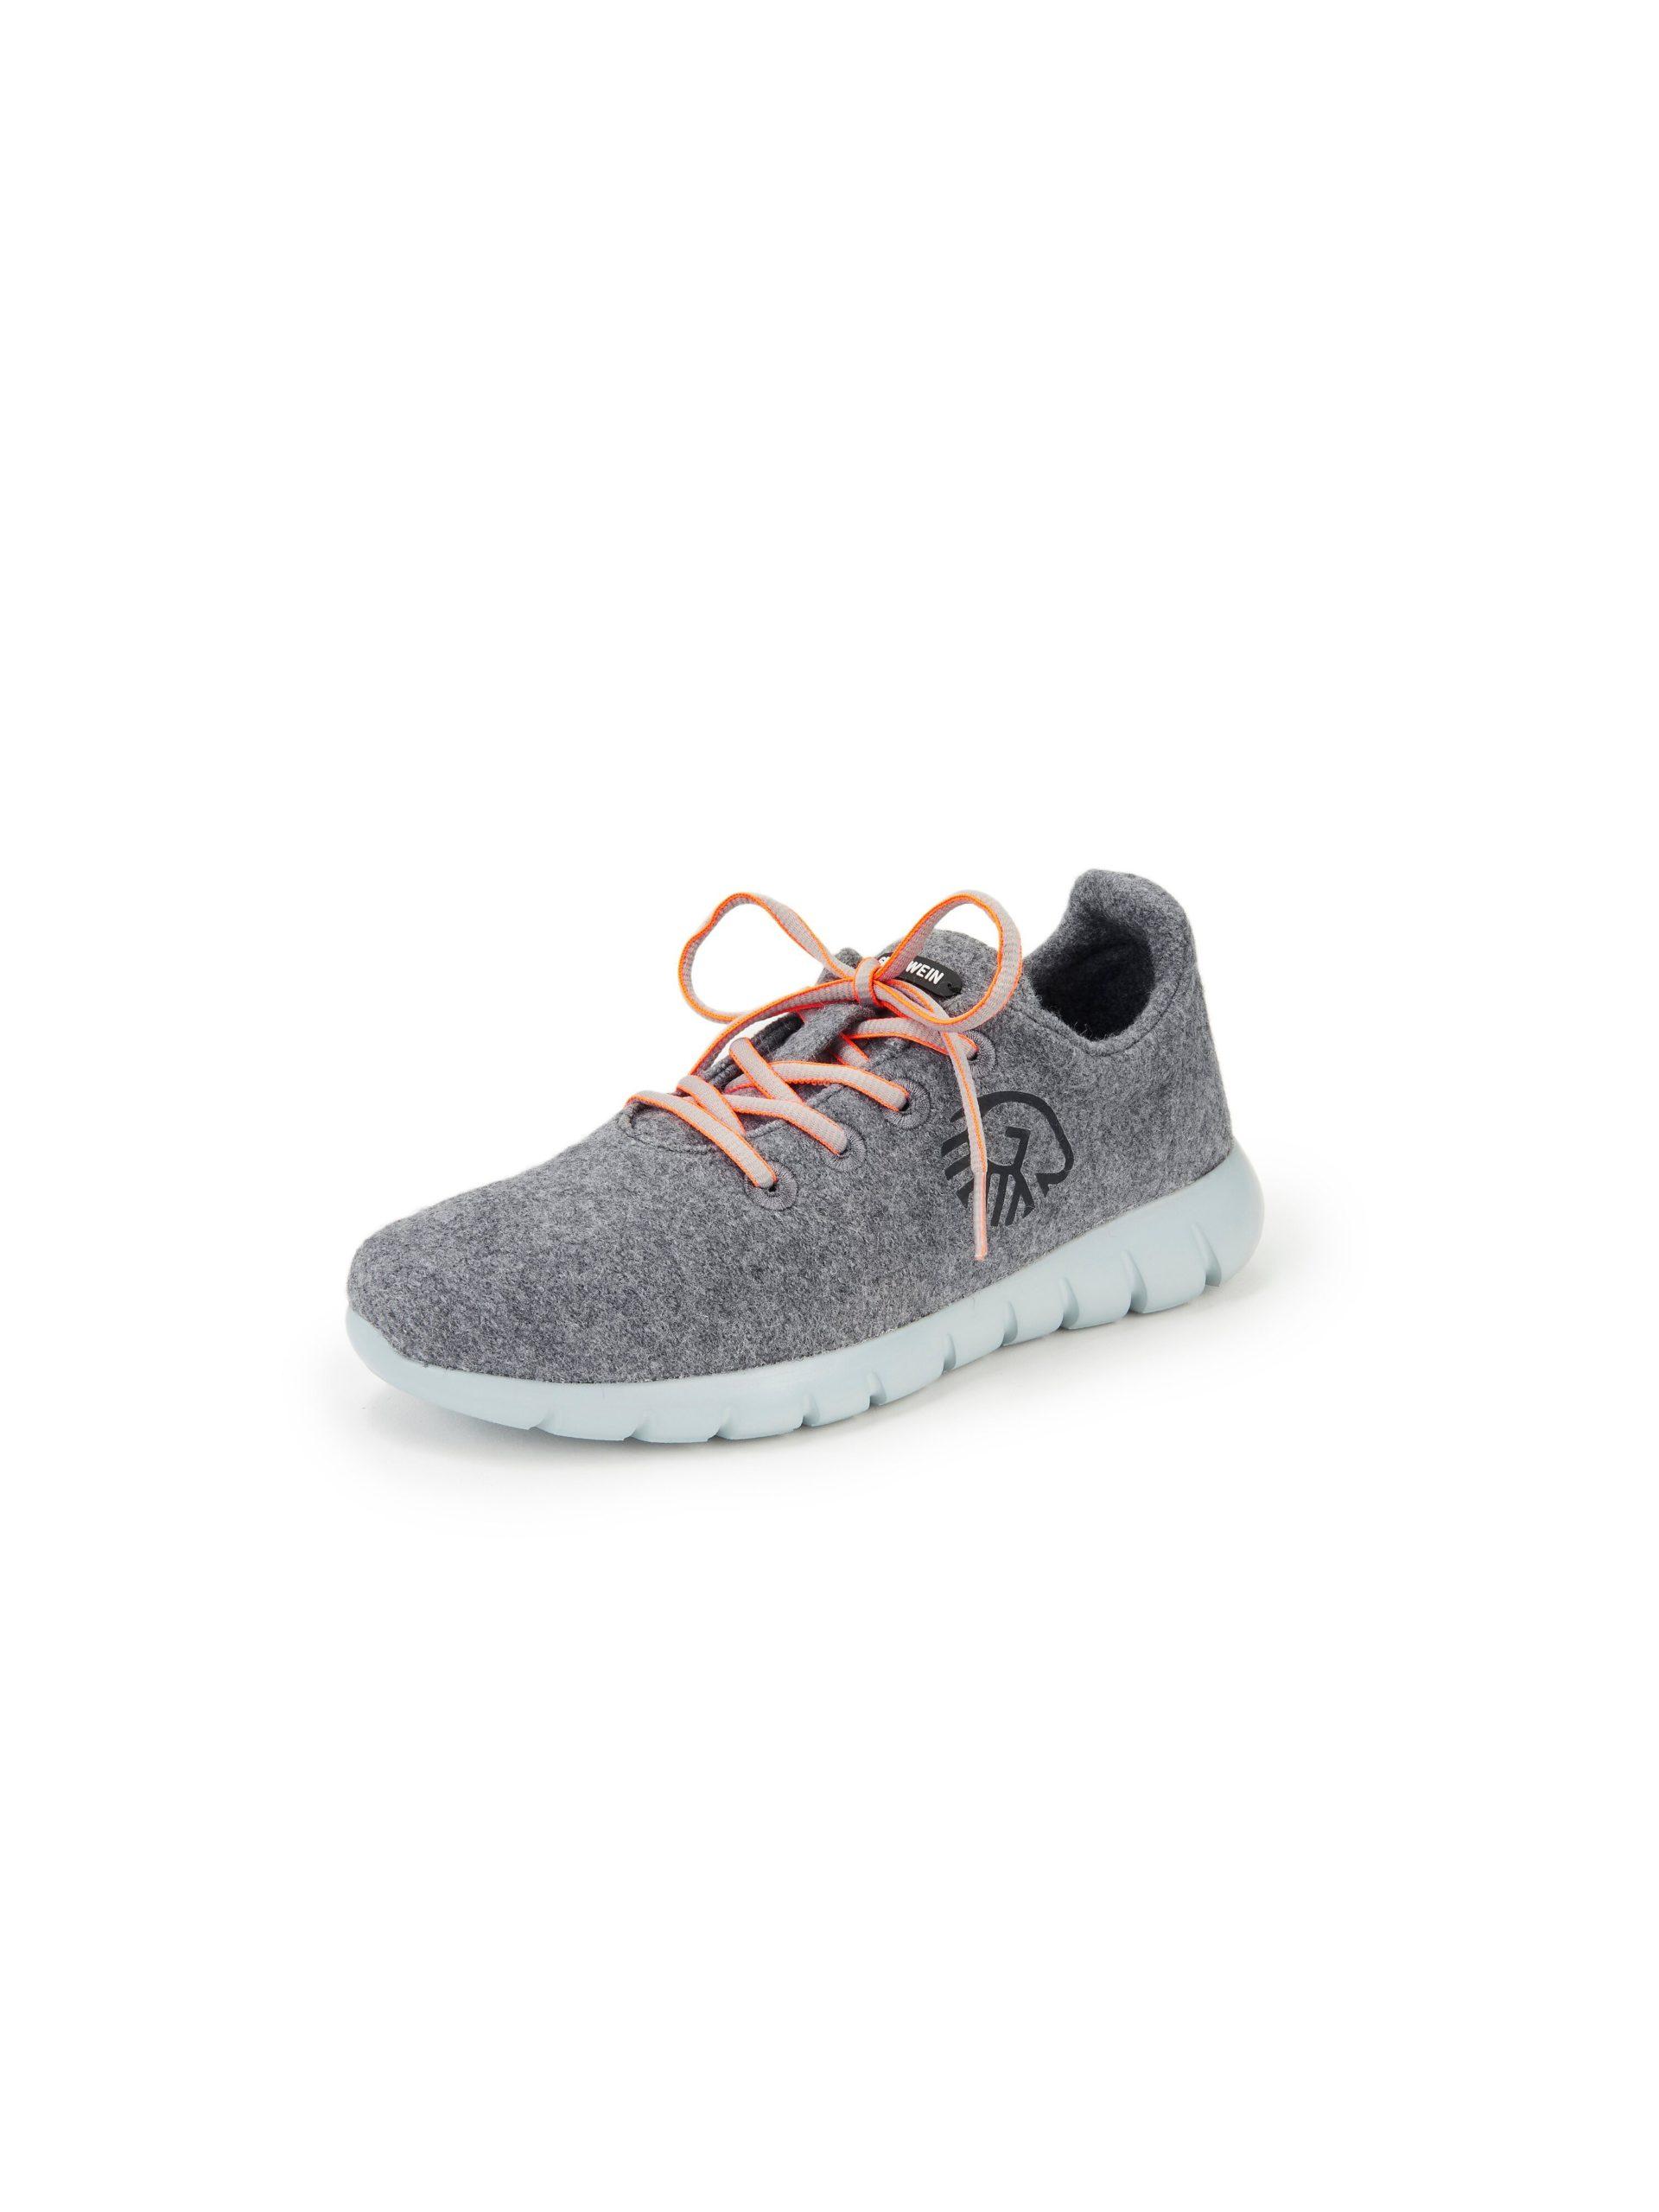 Sneakers model Merino Wool Runners Van Giesswein grijs Kopen